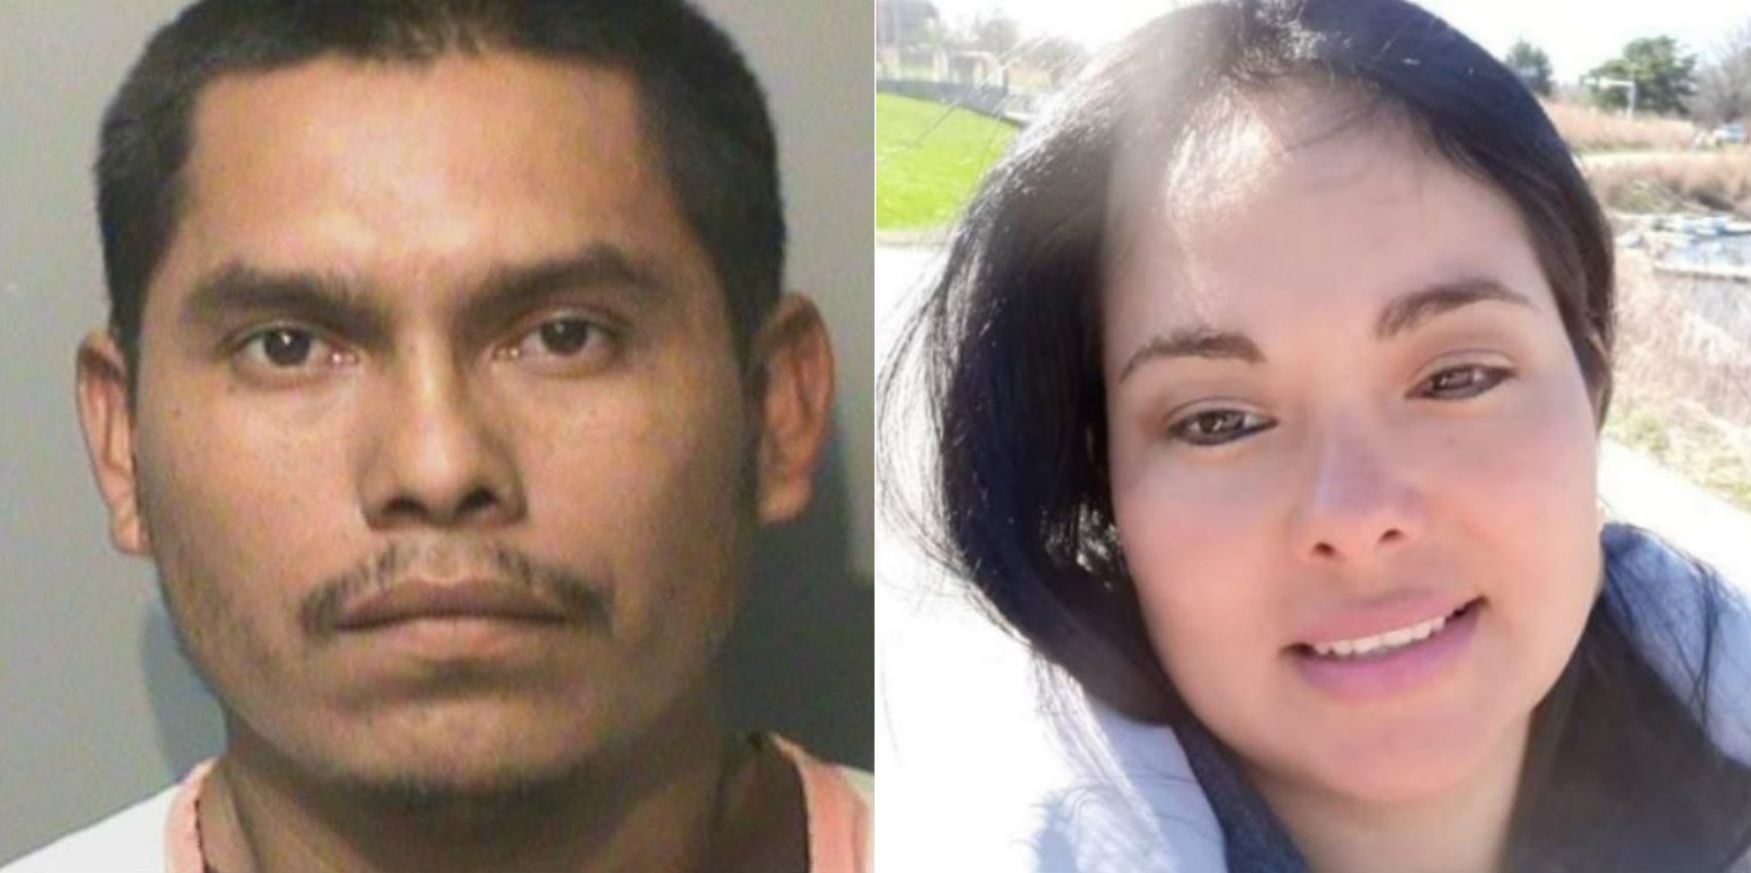 Marvin Oswaldo Escobar Orellana, de 31 años, le prometió a Rossibeth, de 29, que la ayudaría a conseguir trabajo en Estados Unidos, pero en cambio la acosó, a pesar de estar casado y vivir con su familia, y al negarse la mató junto a sus hijos Foto: Especial